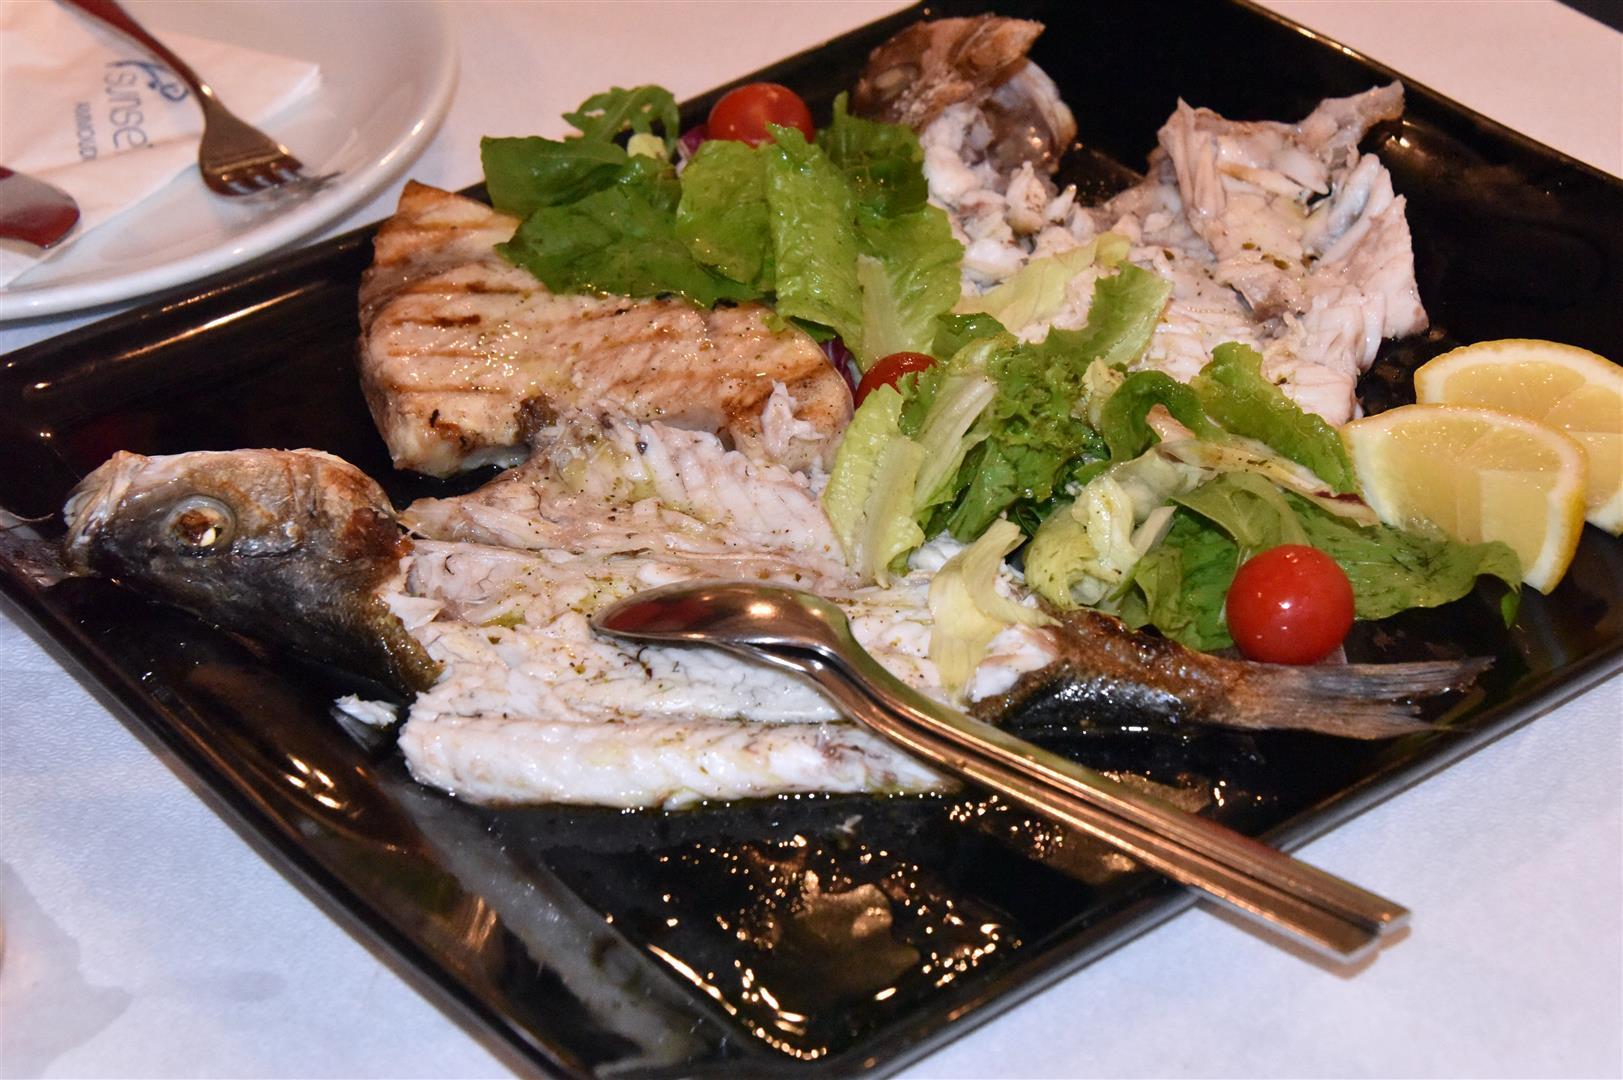 Food - Gr06 (Large)